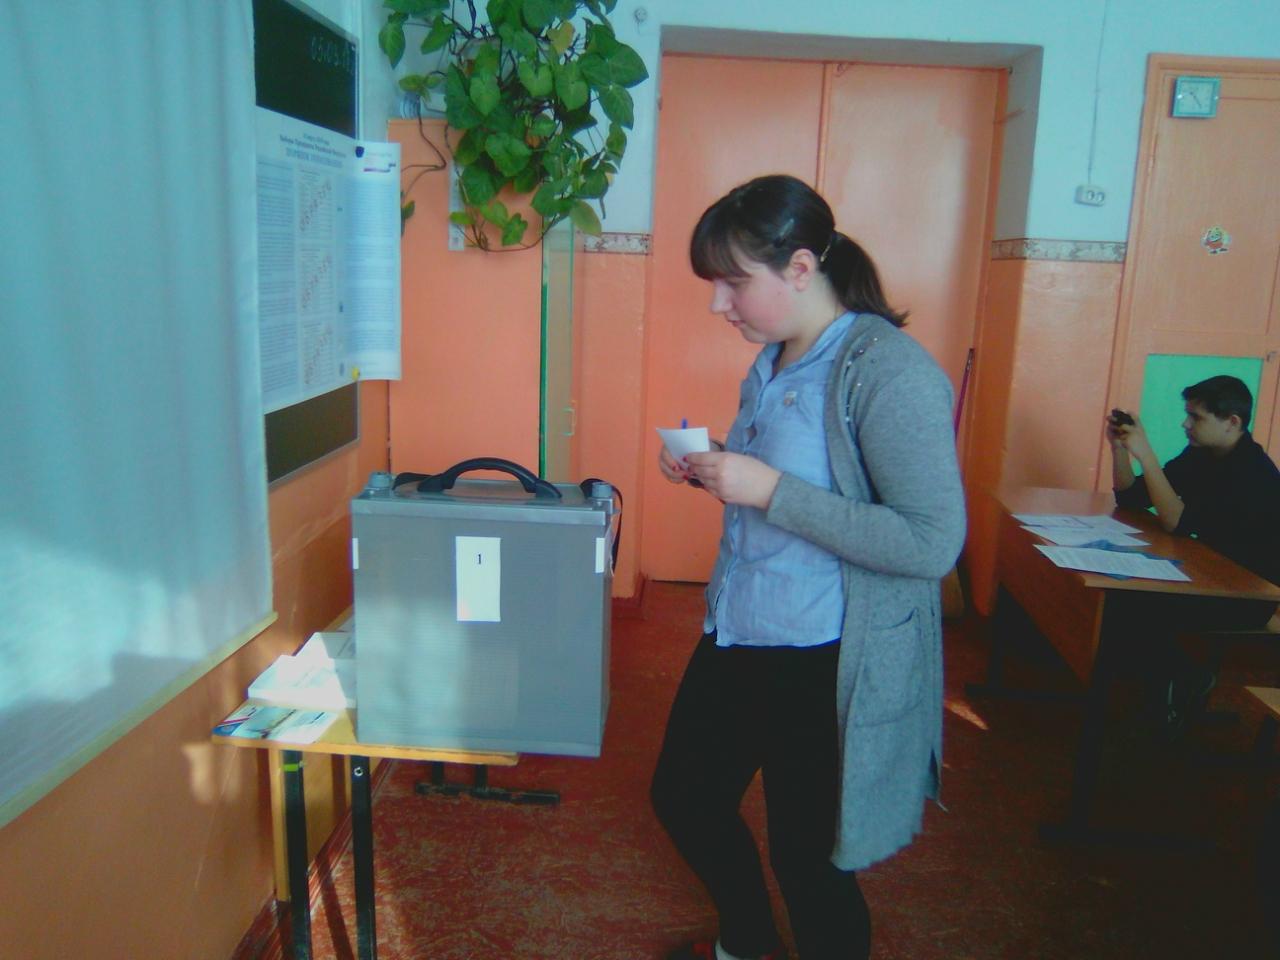 В целях повышения социальной ответственности, формирования активной жизненной позиции и правовой культуры молодежи в библиотеках проведен цикл мероприятий о выборах